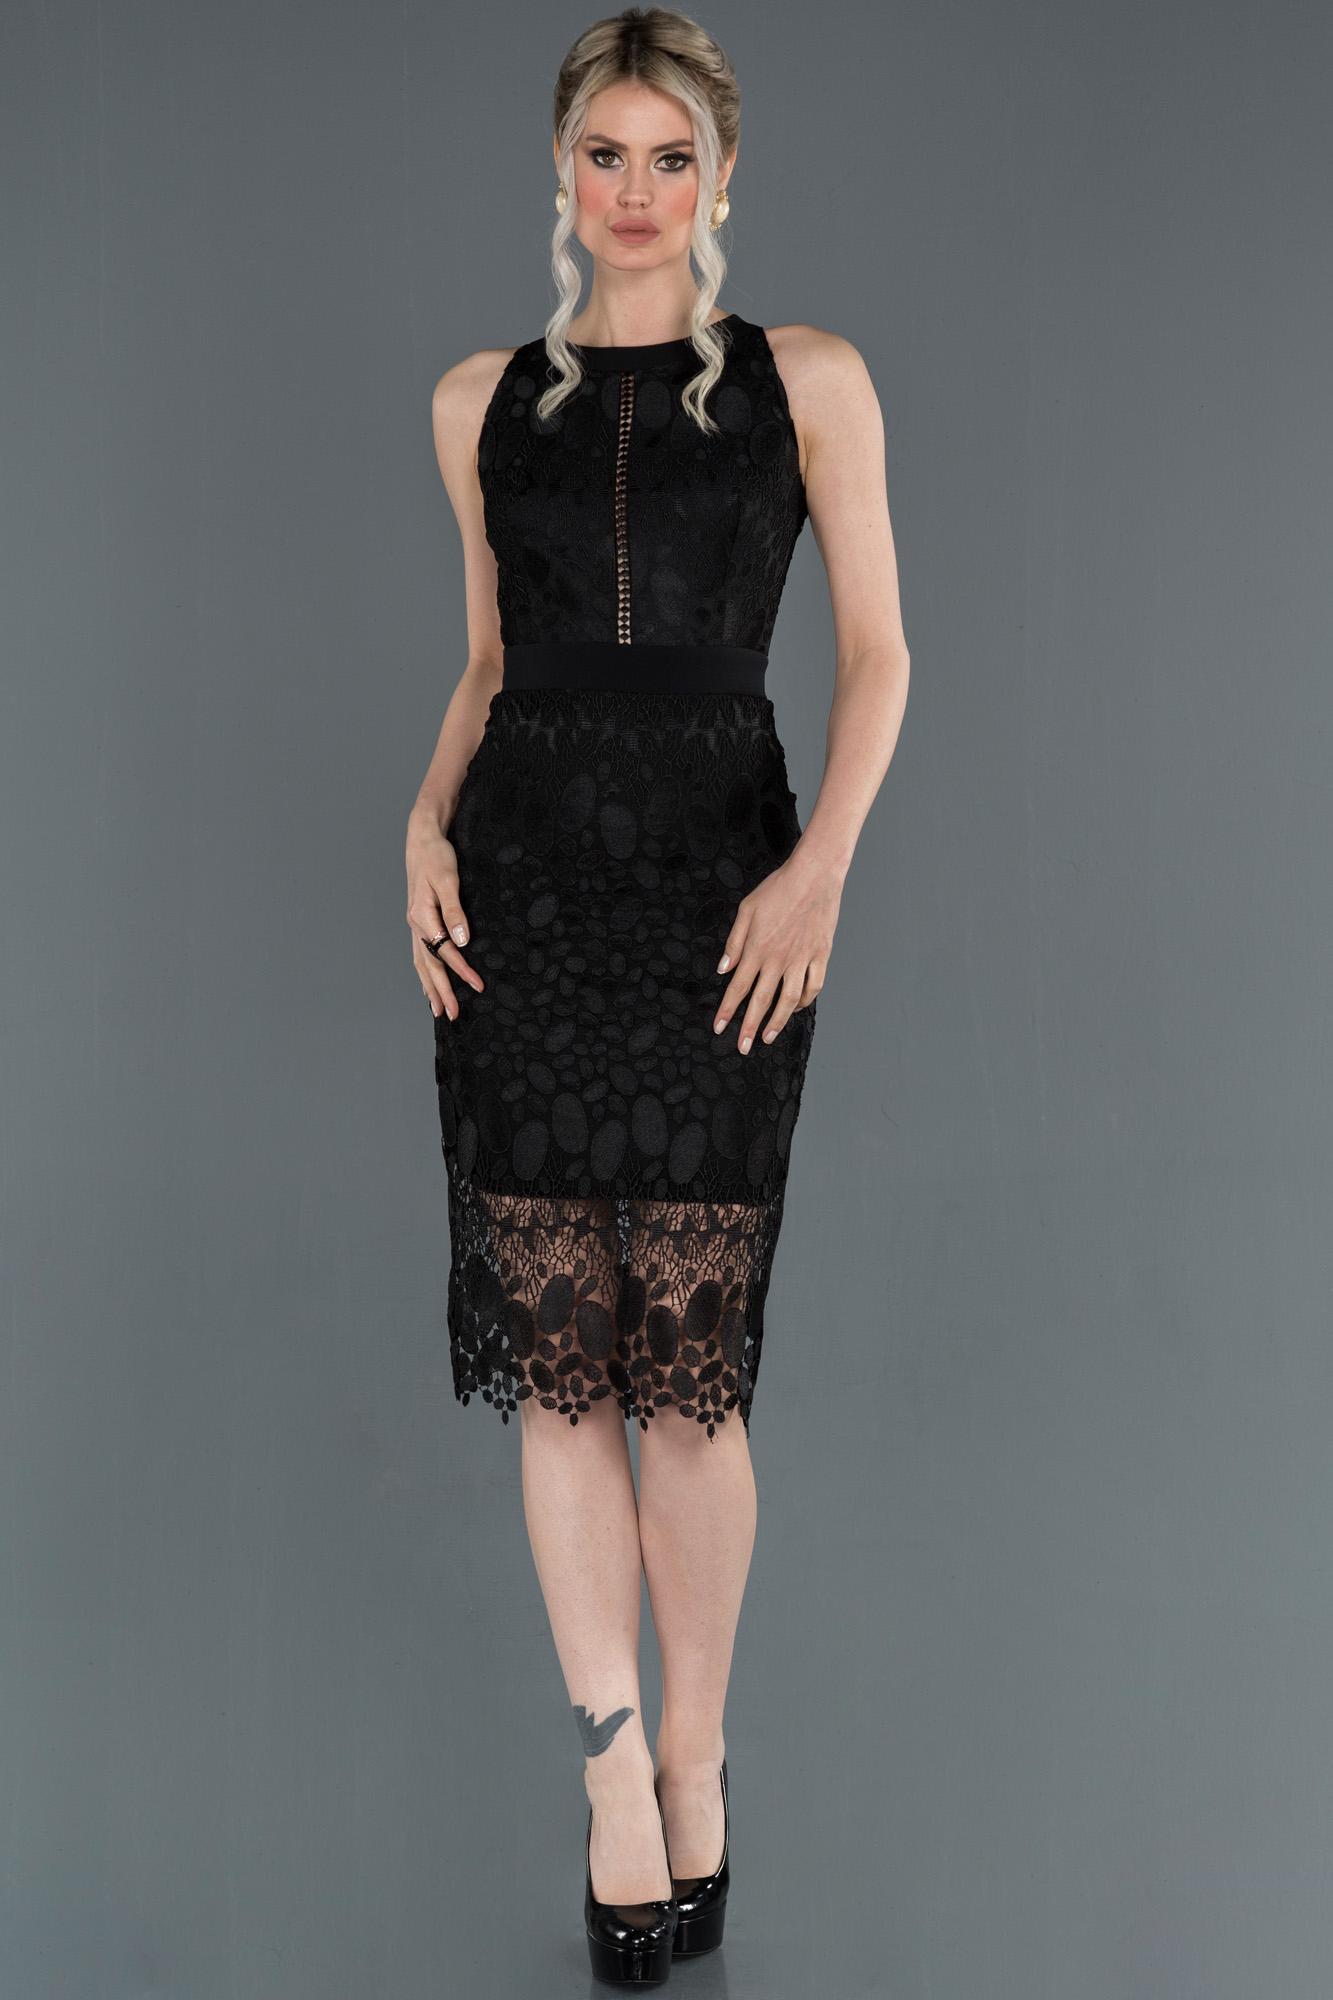 Siyah Kısa Dantelli Dekoltesiz Davet Elbisesi